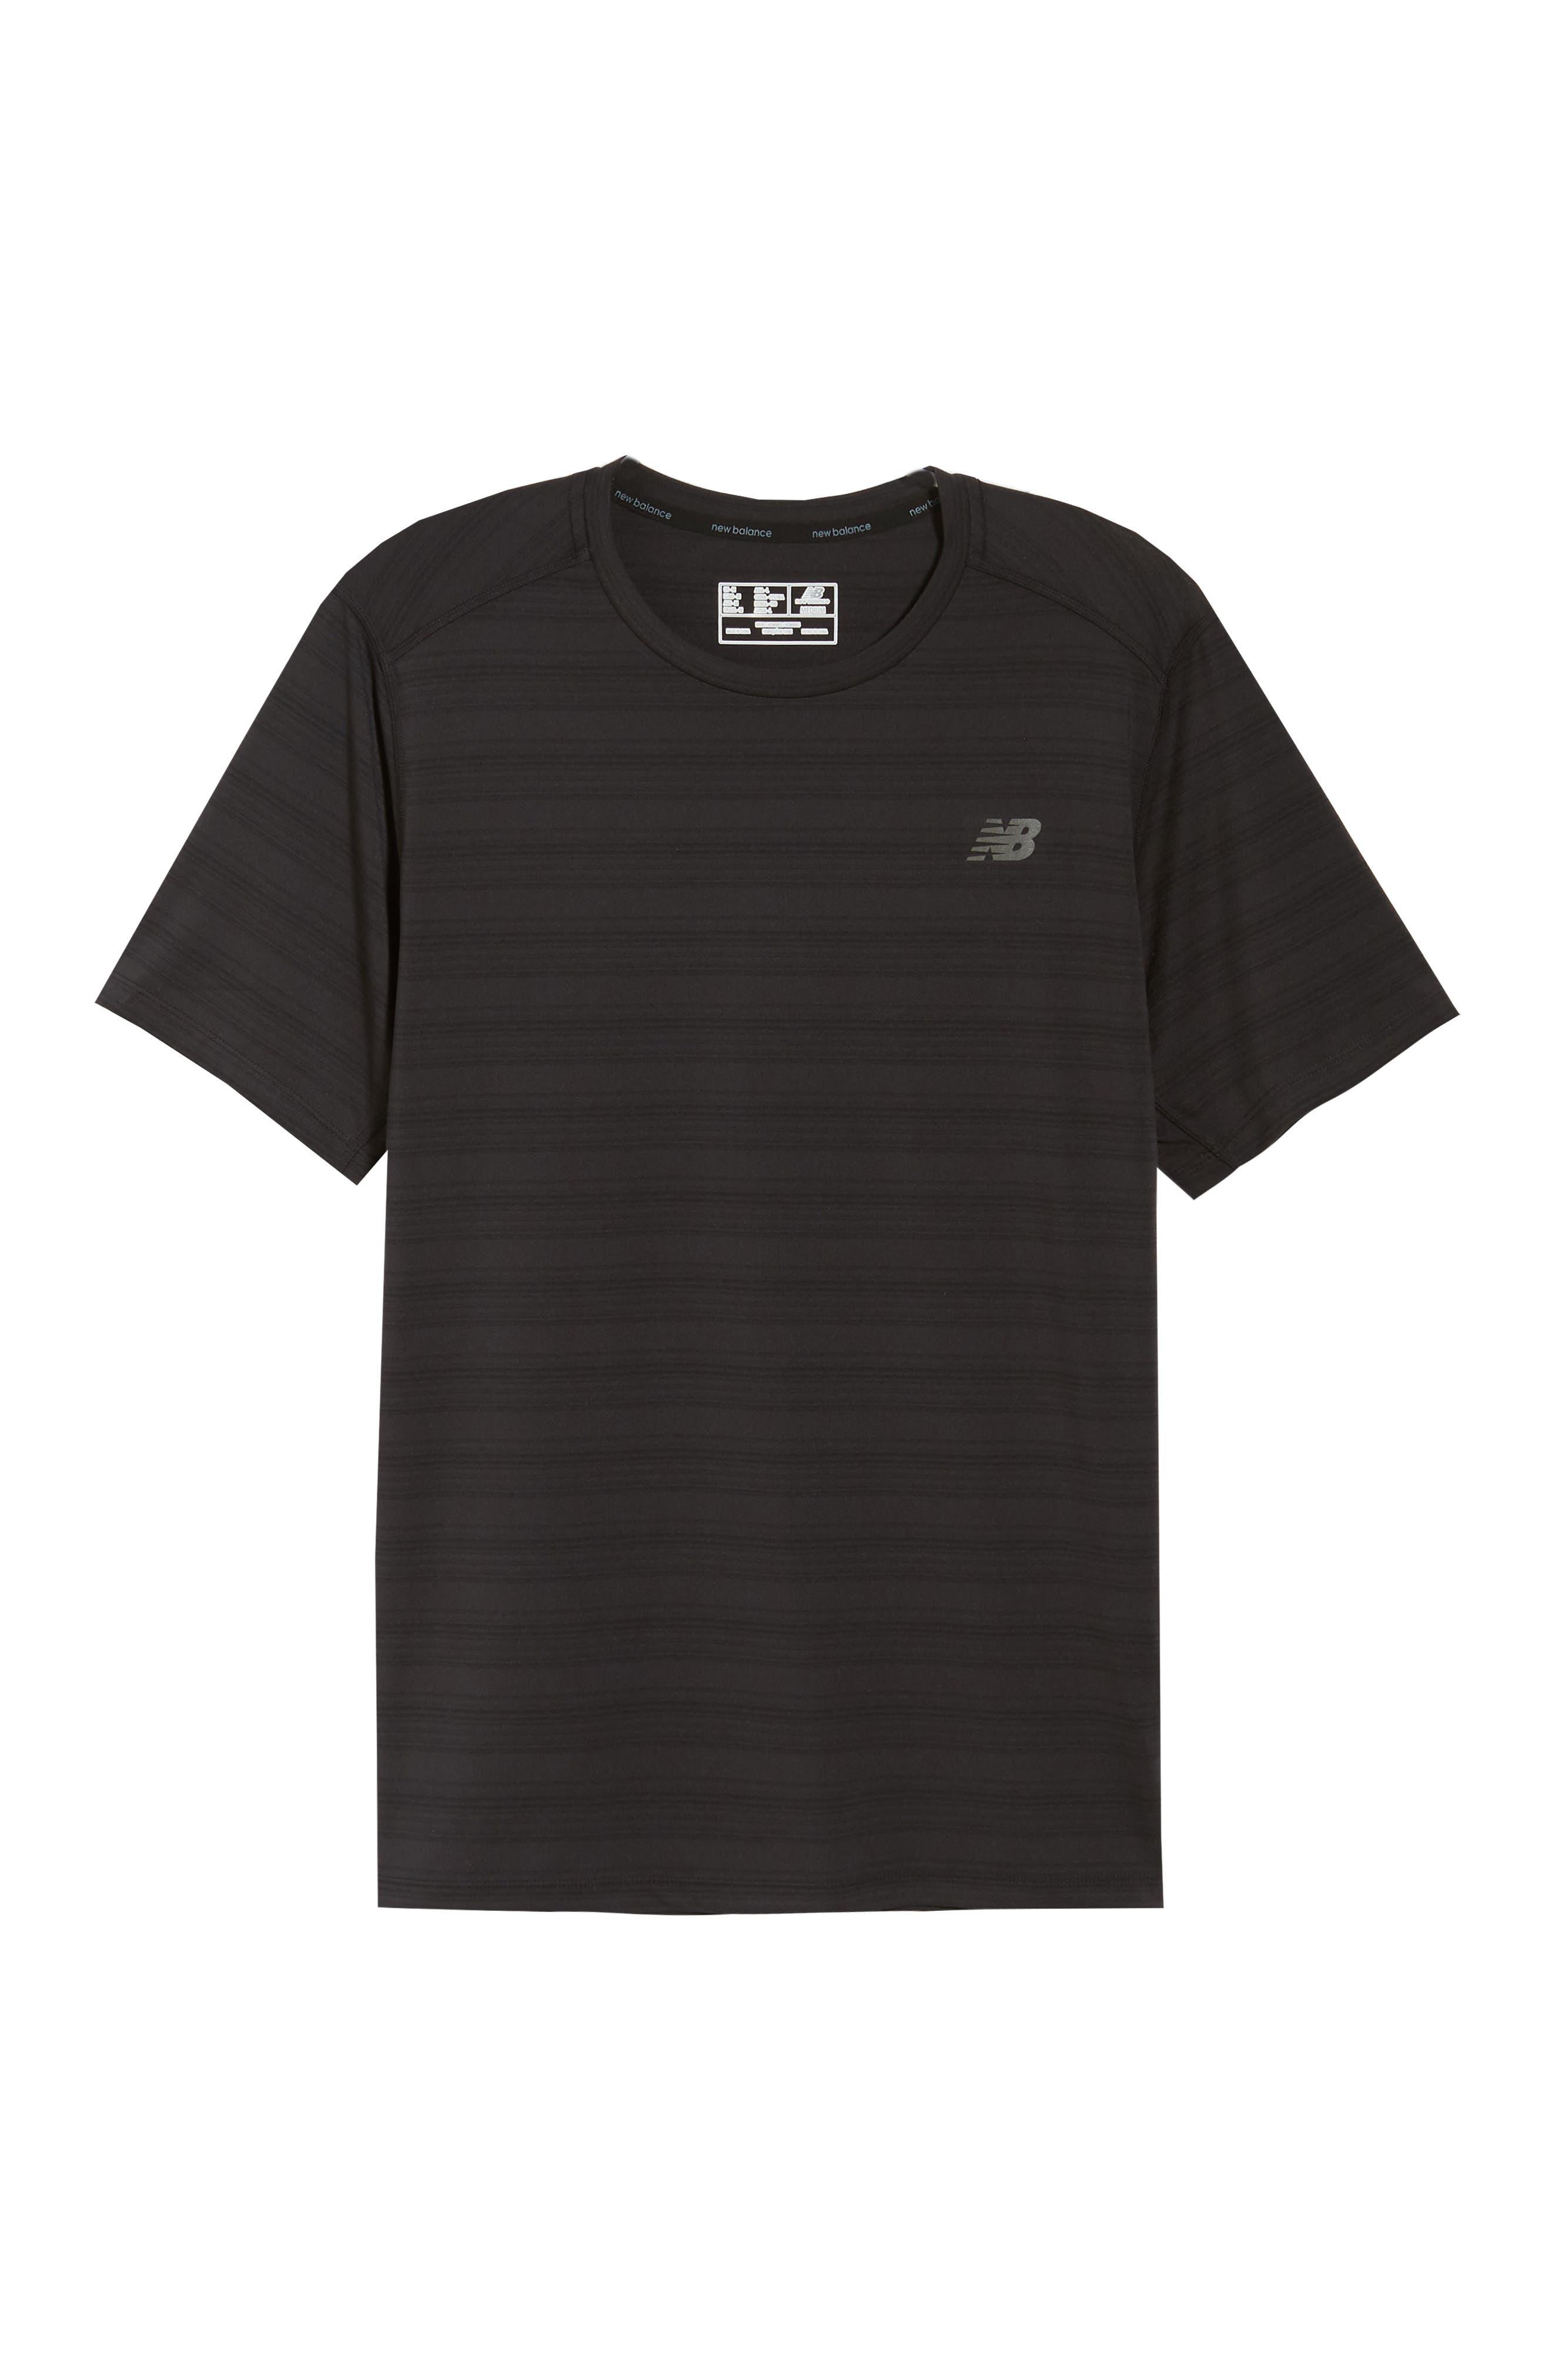 Anticipate Performance T-Shirt,                             Alternate thumbnail 6, color,                             BLACK